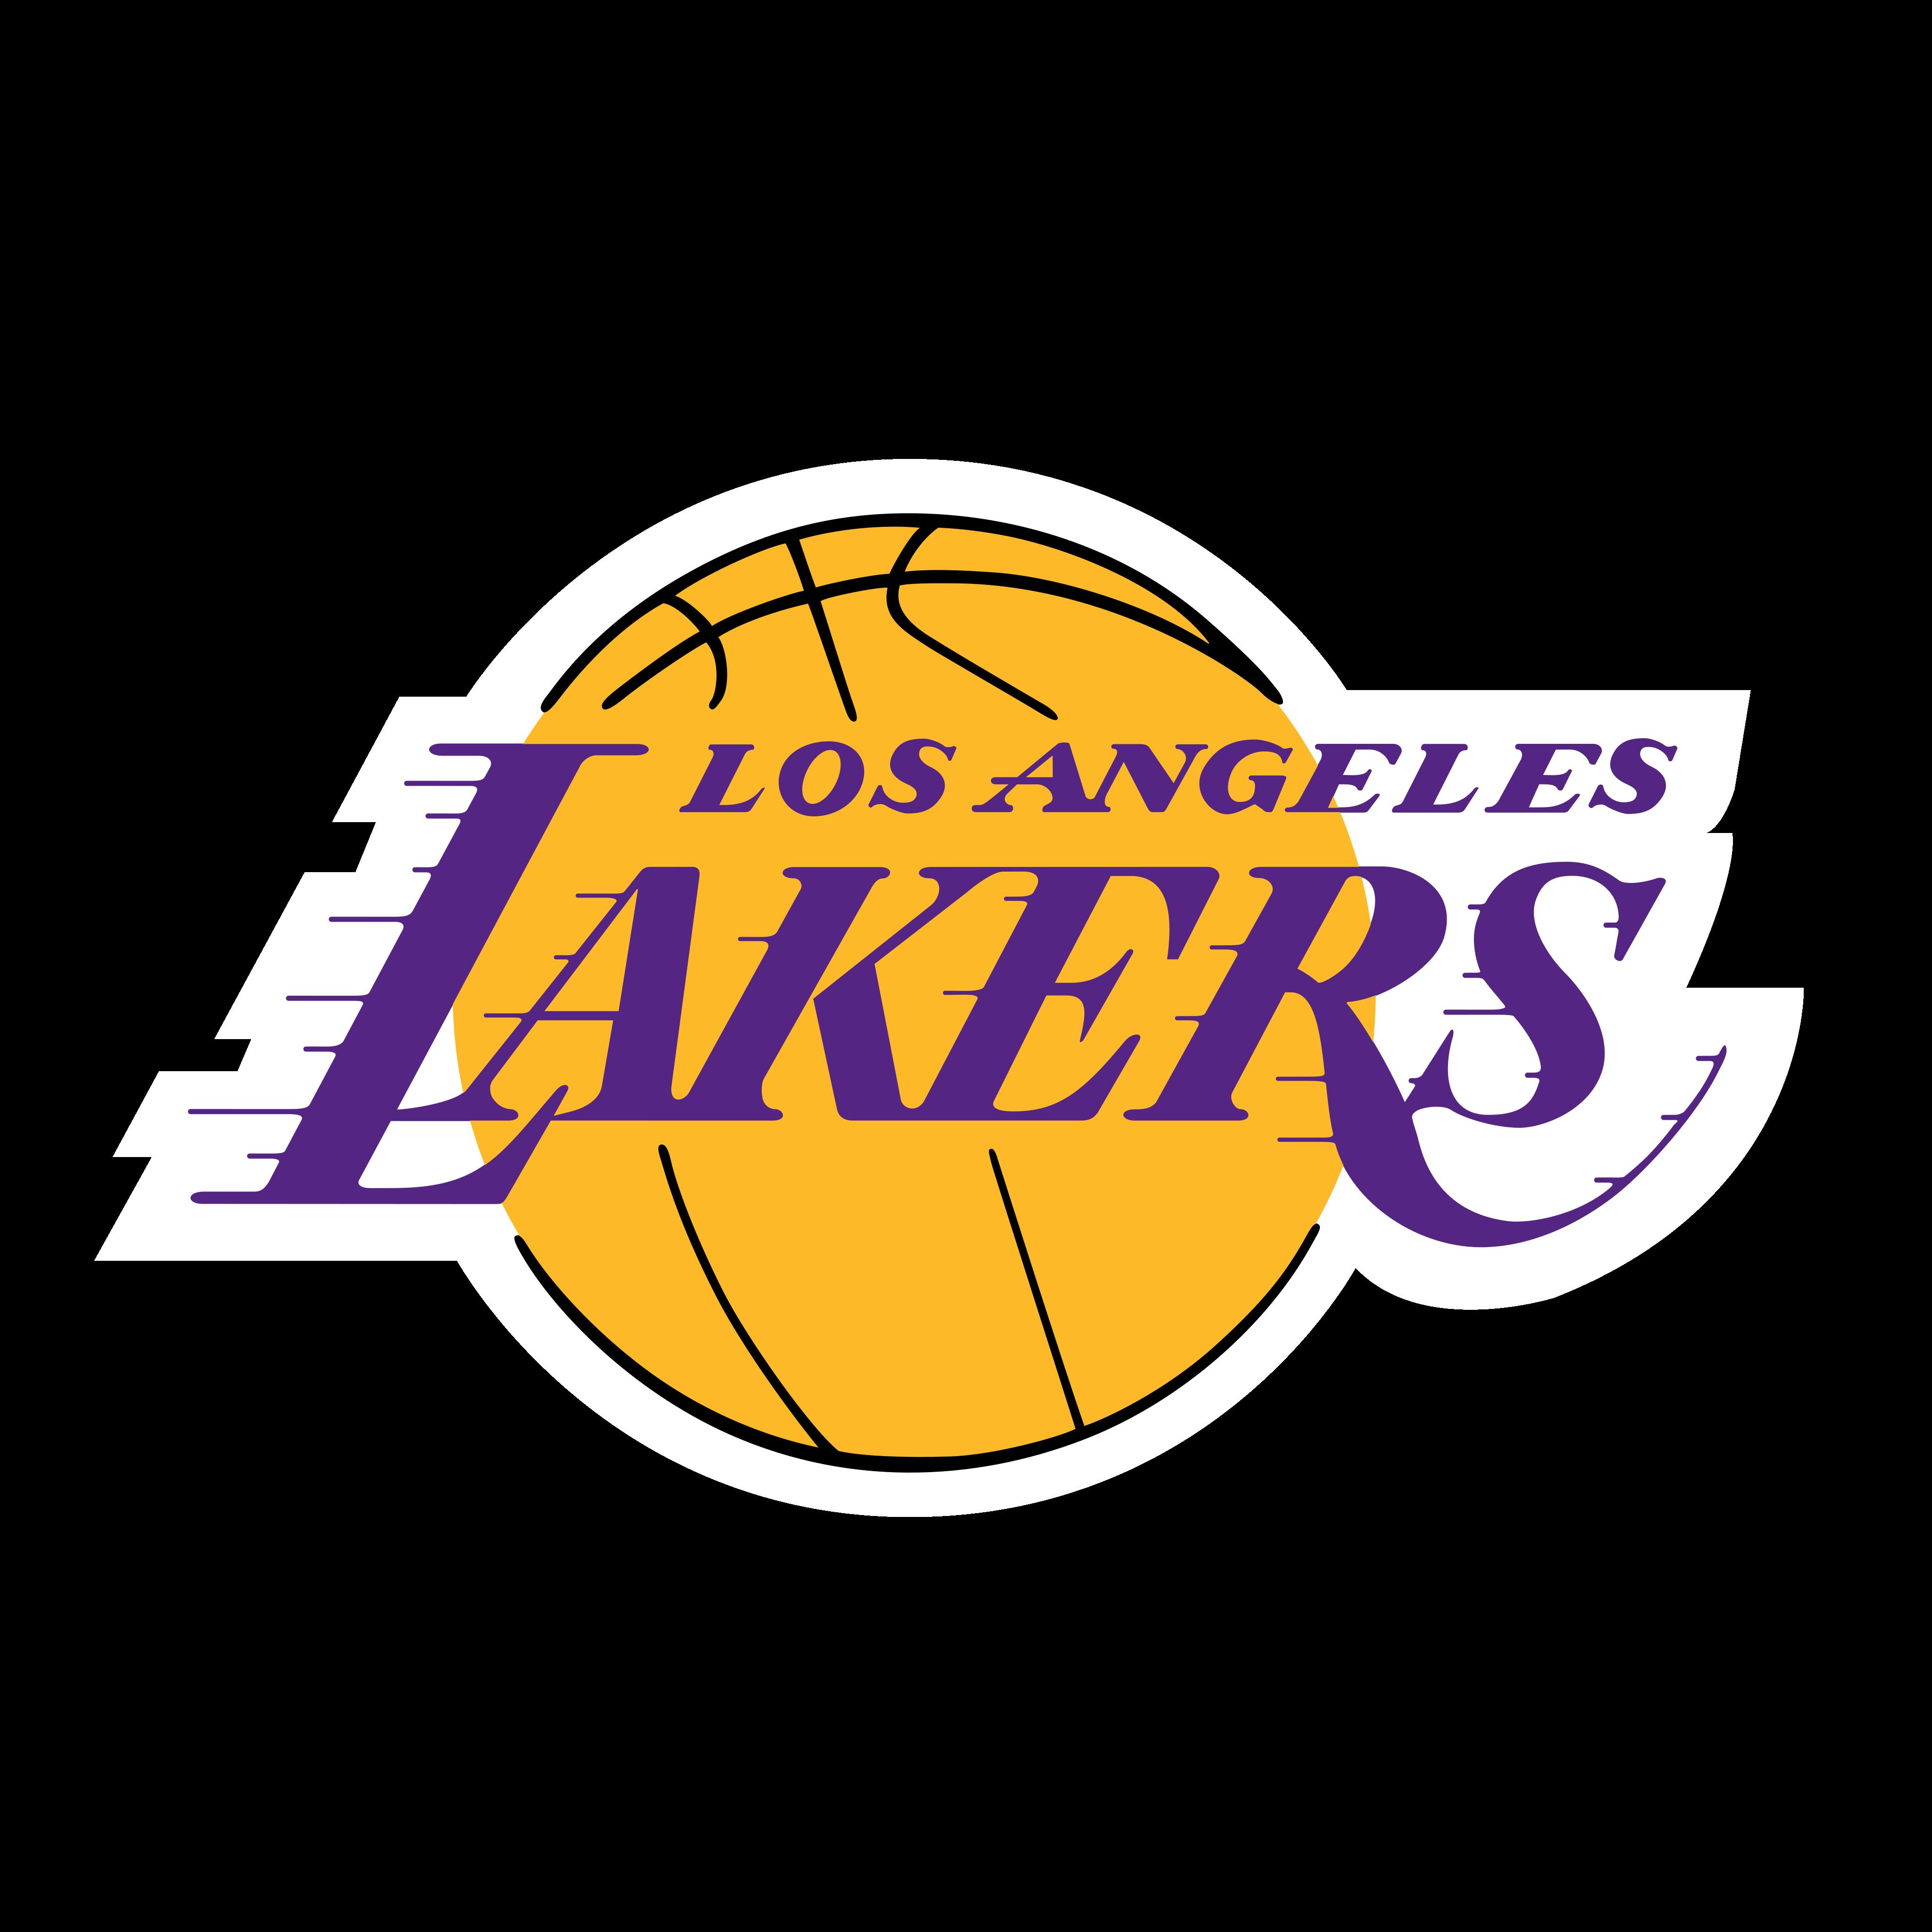 la lakers logo 0 - Los Angeles Lakers Logo